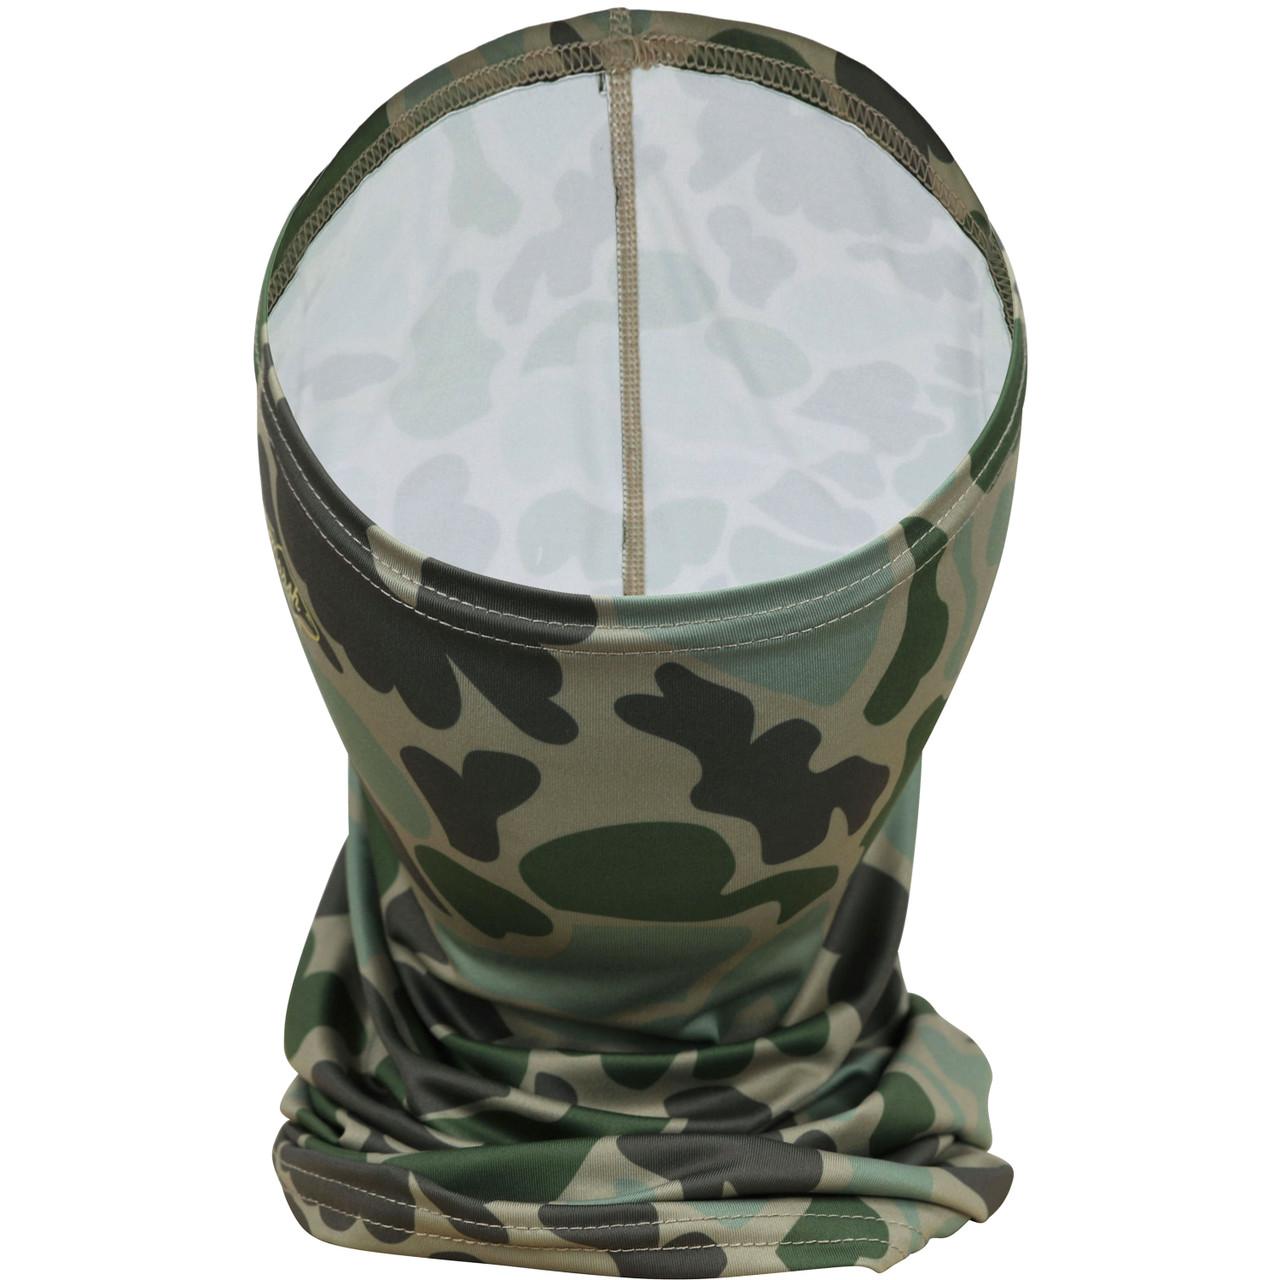 Marsh Wear MWSM05 Mallard Face Mask Green Camo - Front